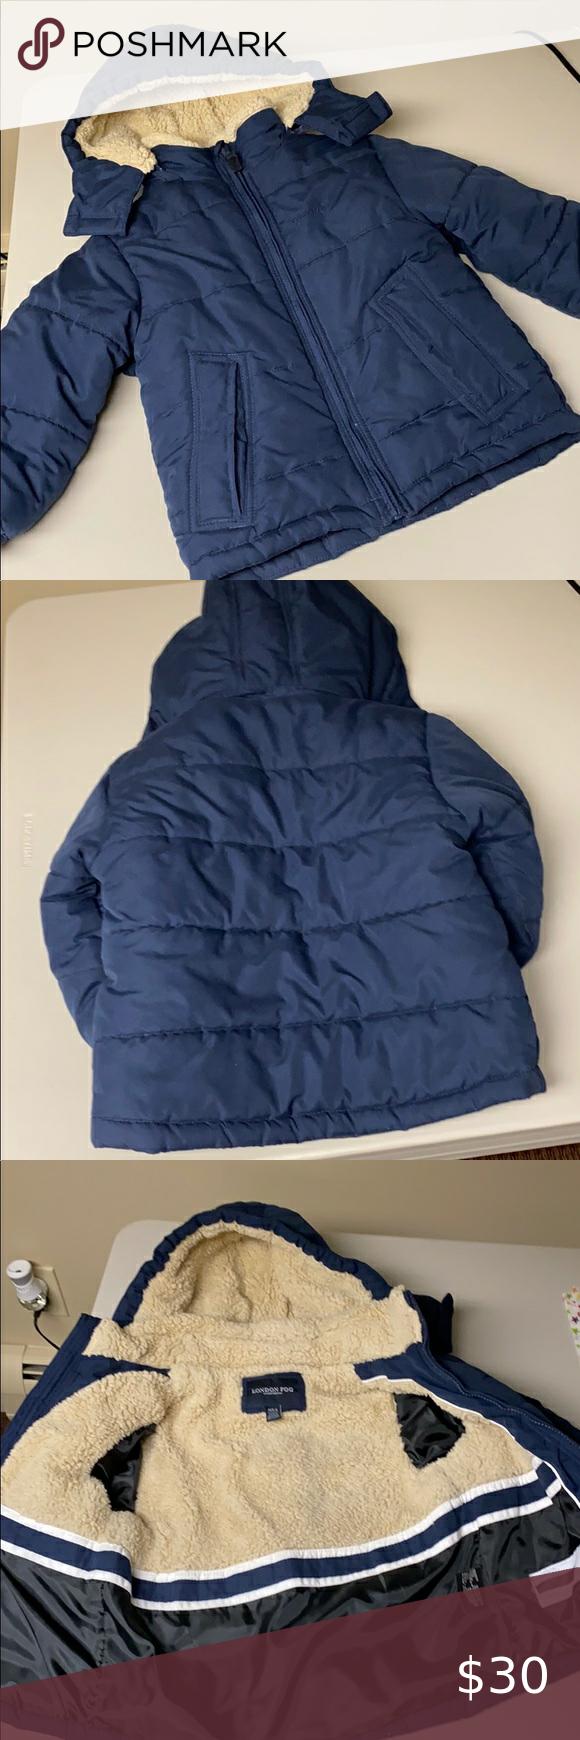 London Fog Boys Winter Jacket Size M 5 6 Navy Boys Winter Jackets Girls Winter Coats Winter Jackets [ 1740 x 580 Pixel ]